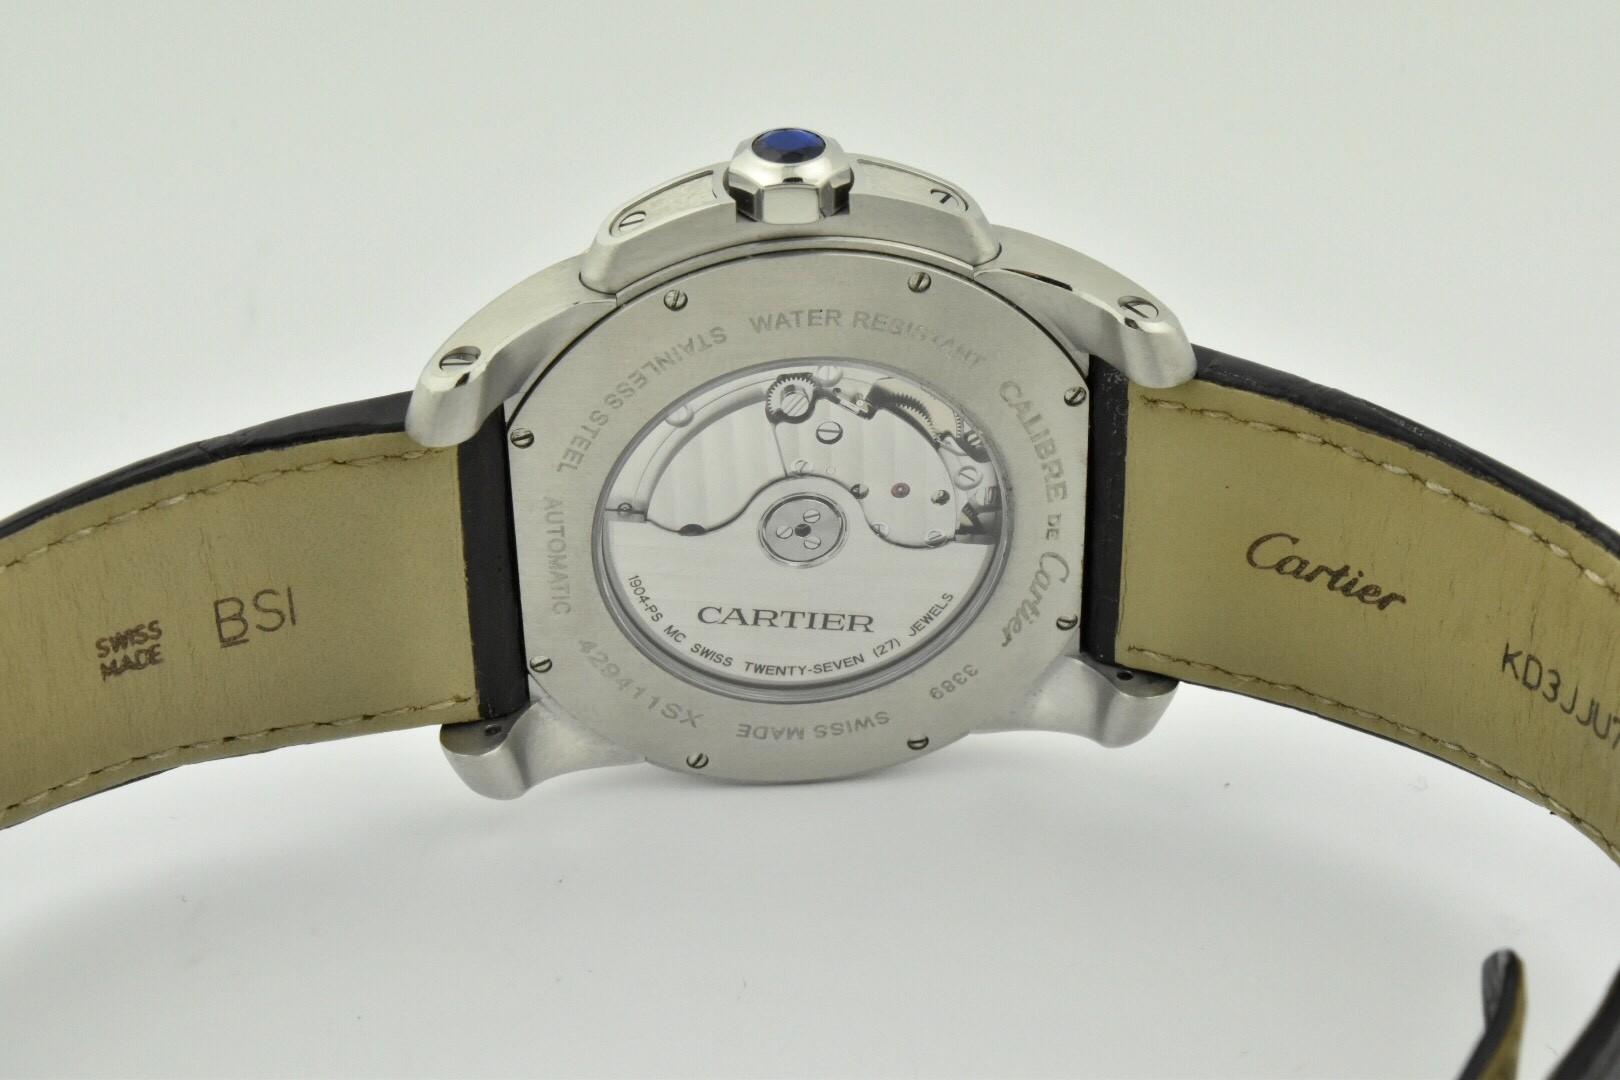 IMG 7607 - Cartier Calibre de Cartier